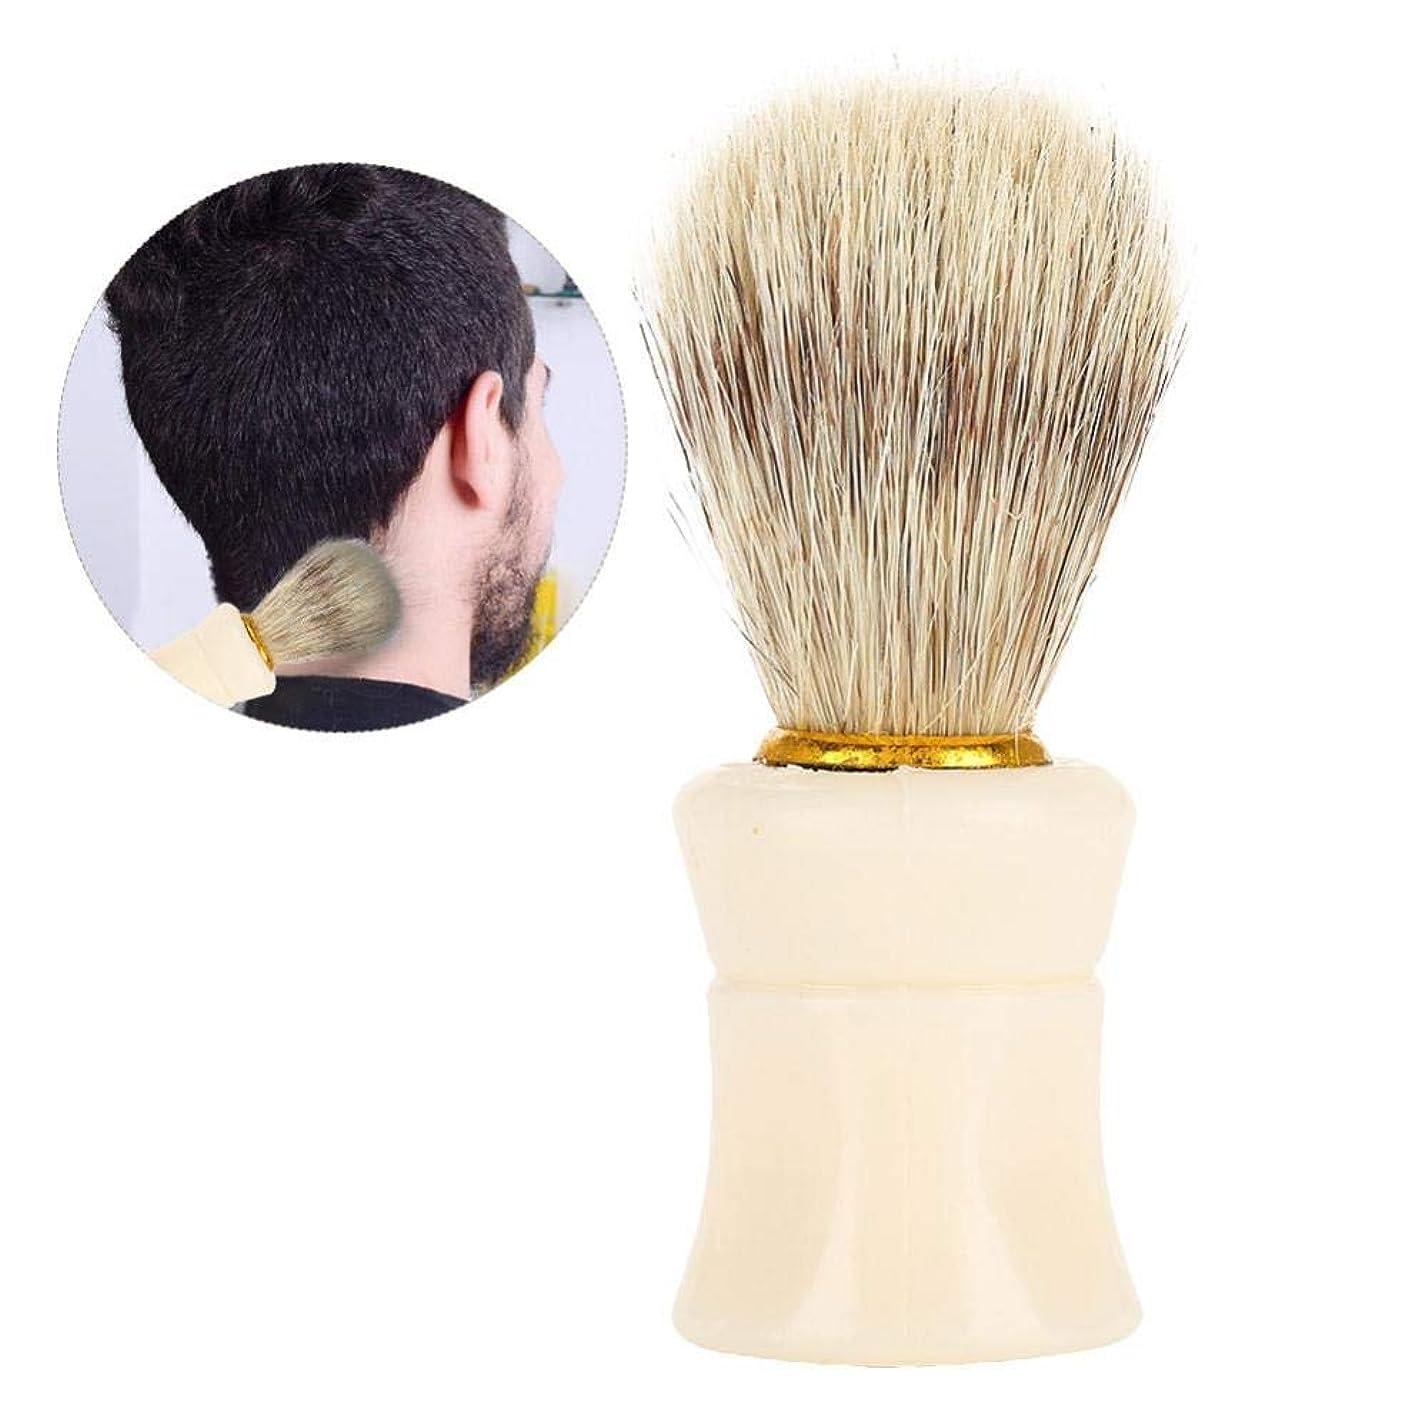 変なシュート地元Semme理髪師クリーニングヘアブラシヘアスイープブラシ、プロフェッショナルネックダスターブラシ理髪師理髪クリーニングヘアブラシ